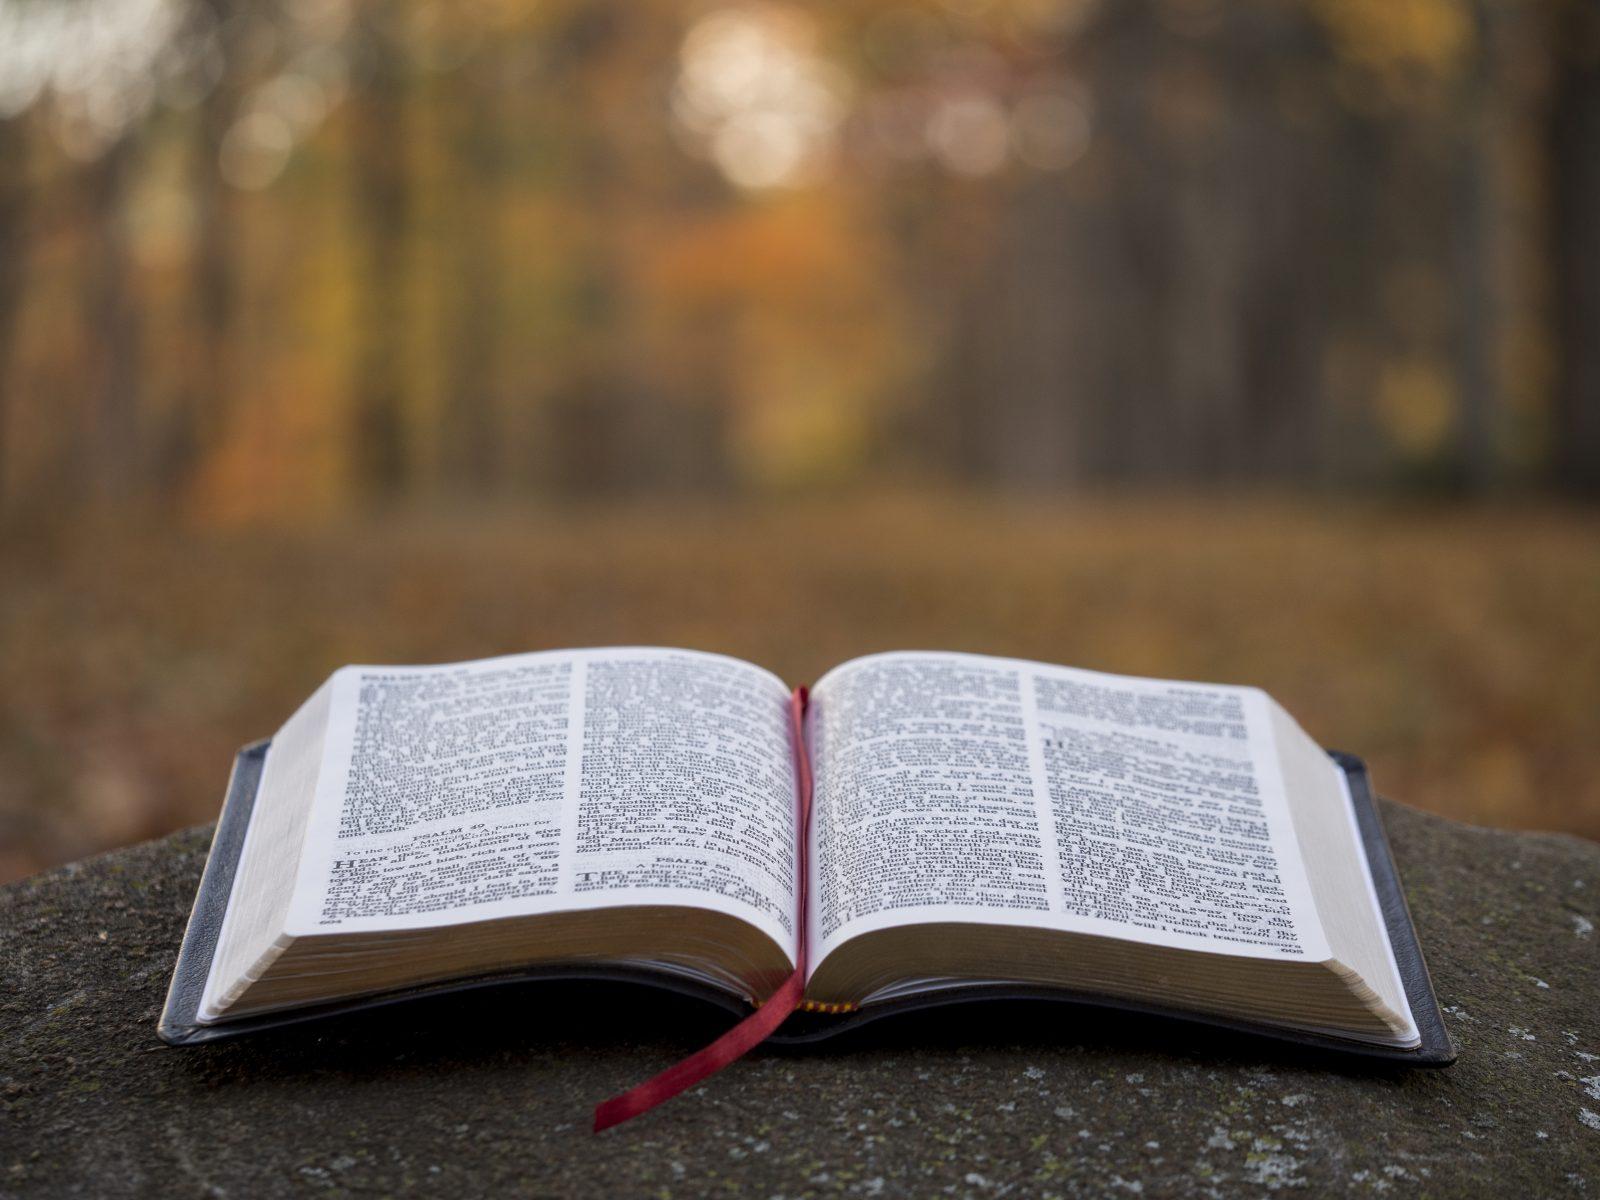 Czy historie z Biblii zdarzają się dziś?